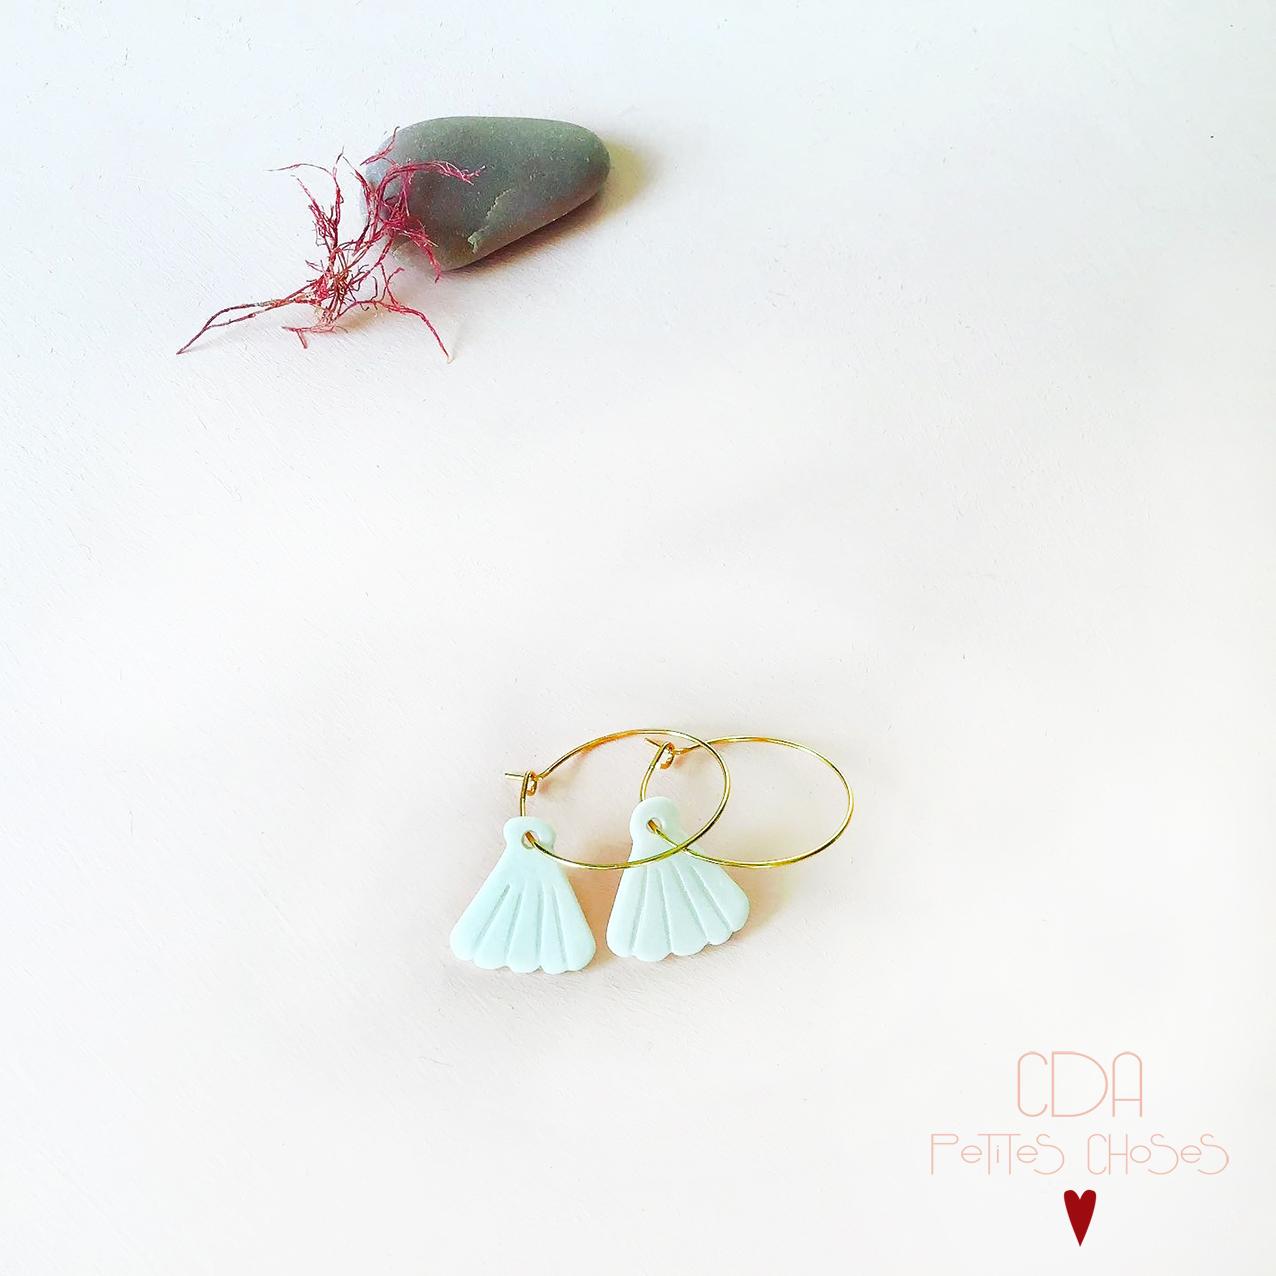 Boucles d oreilles creoles coquillage en porcelaine CDA petites Choses